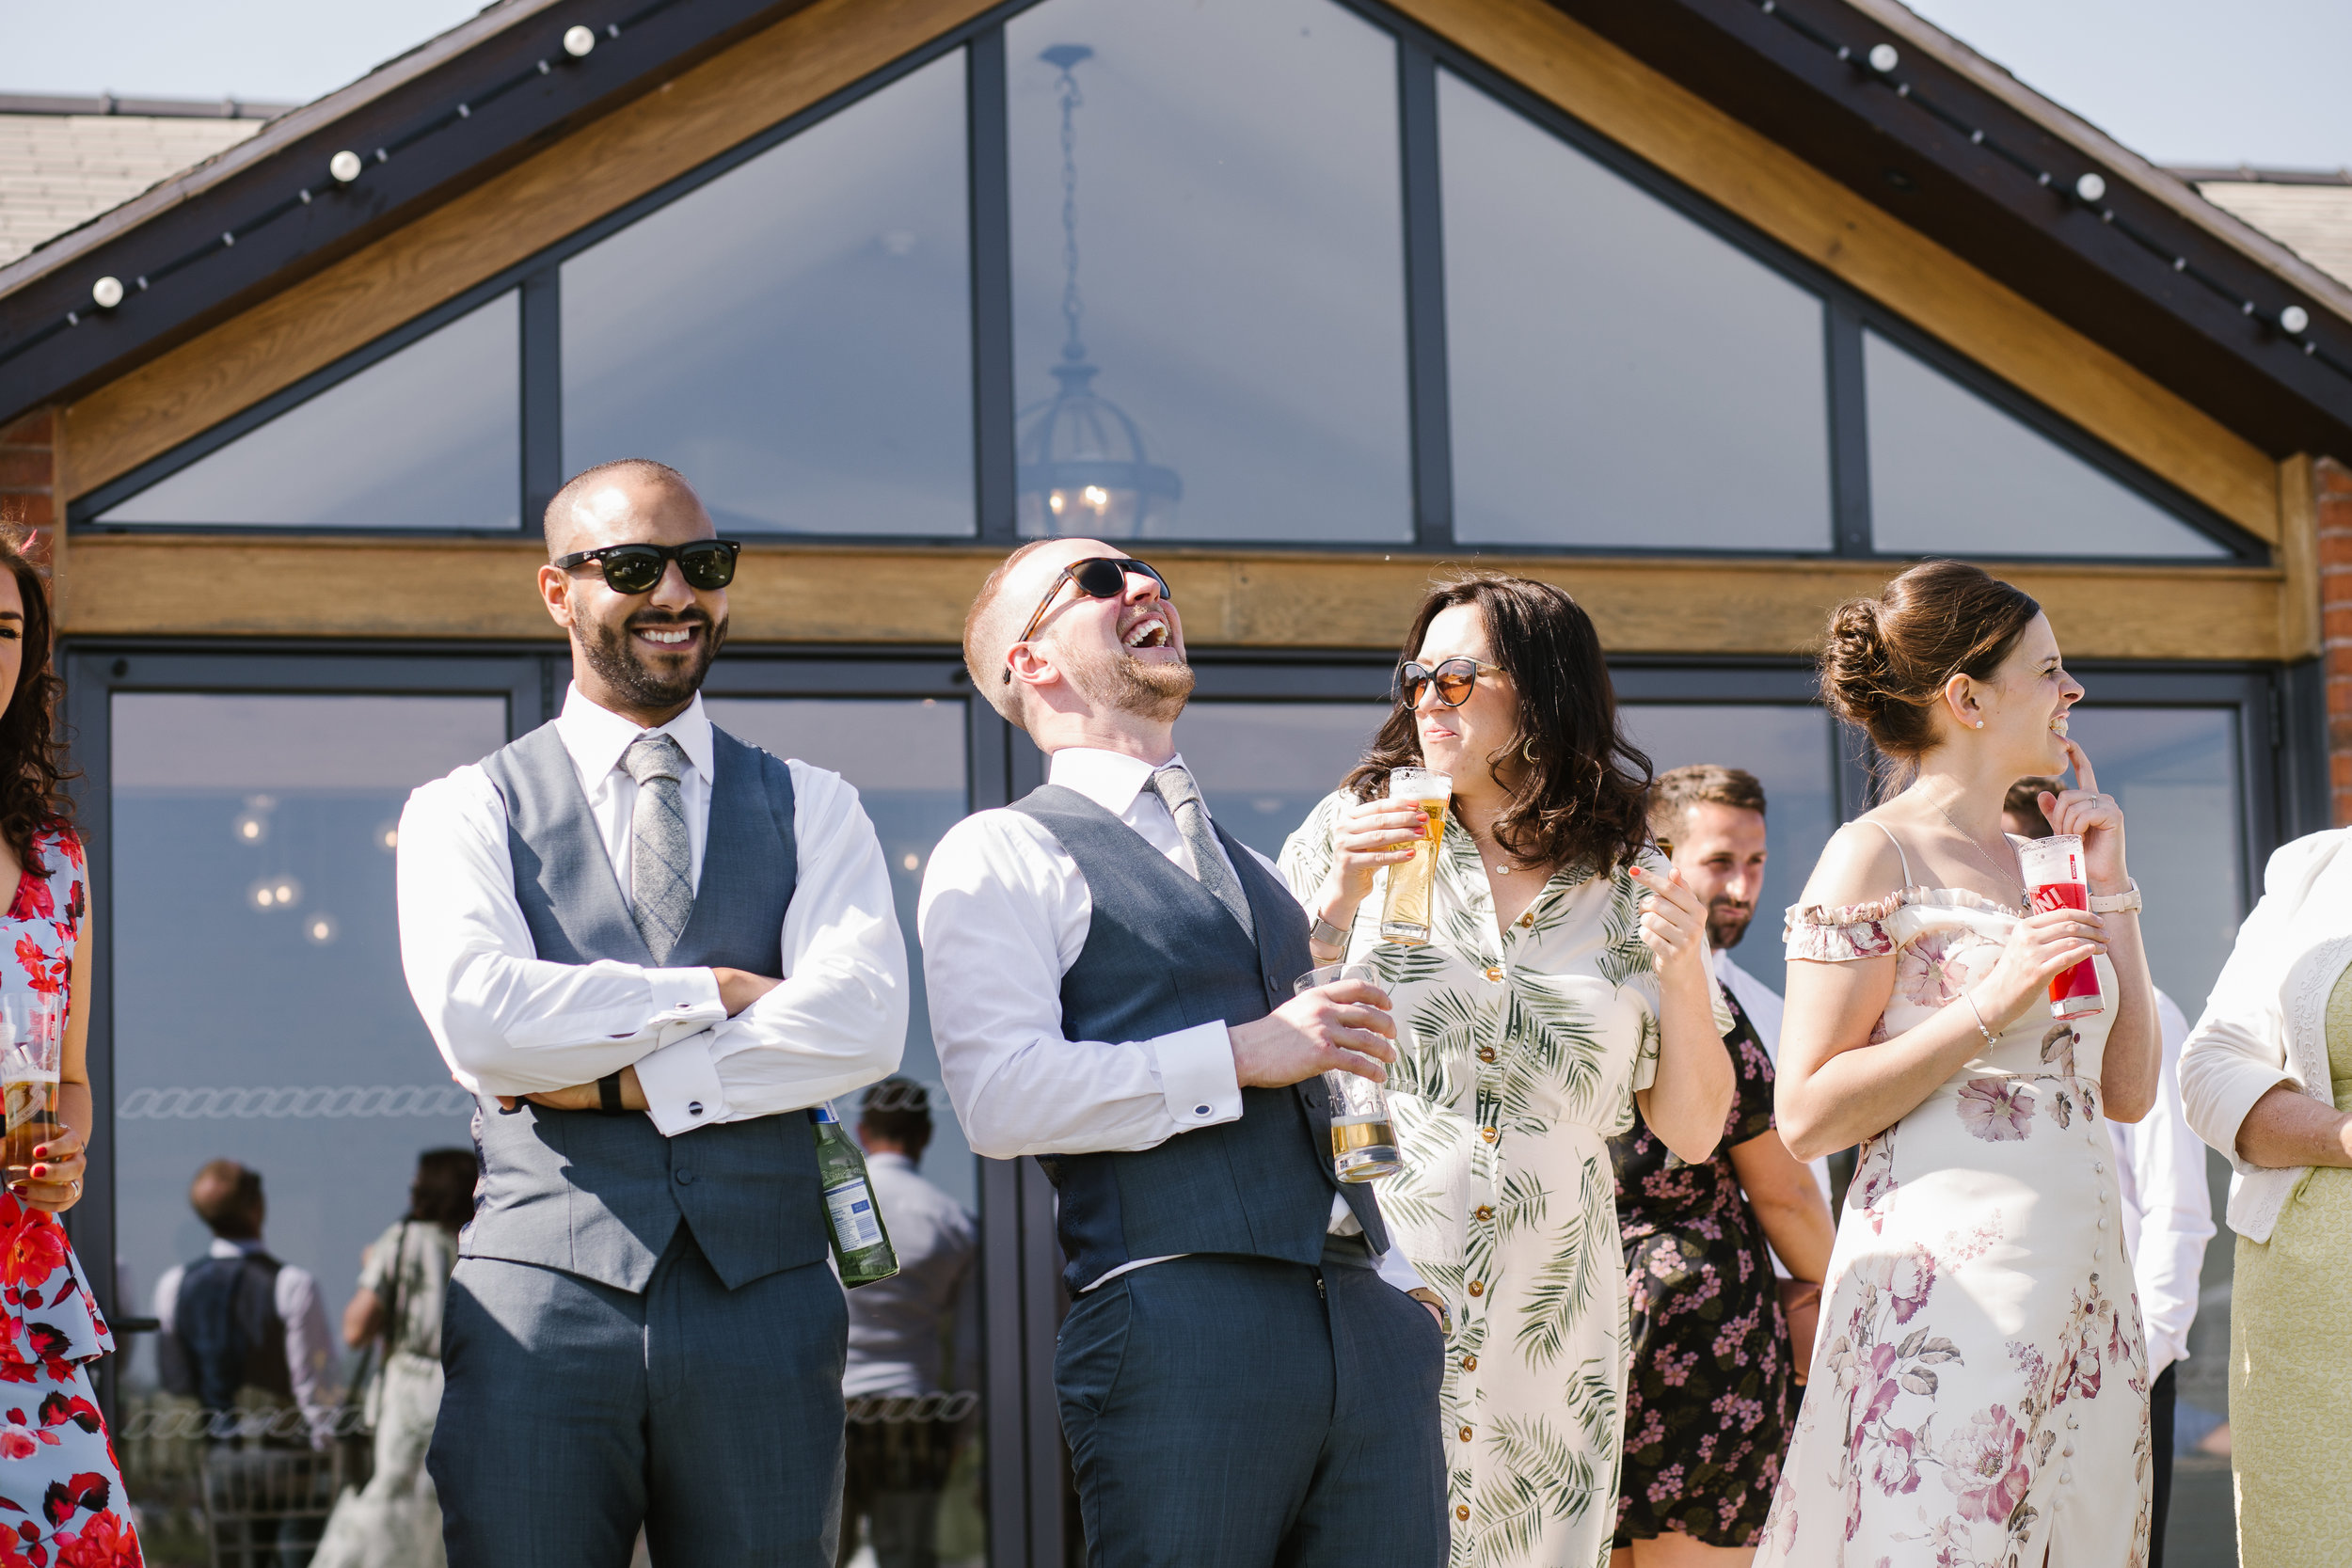 wedding guests laughing at outdoor wedding at aston marina